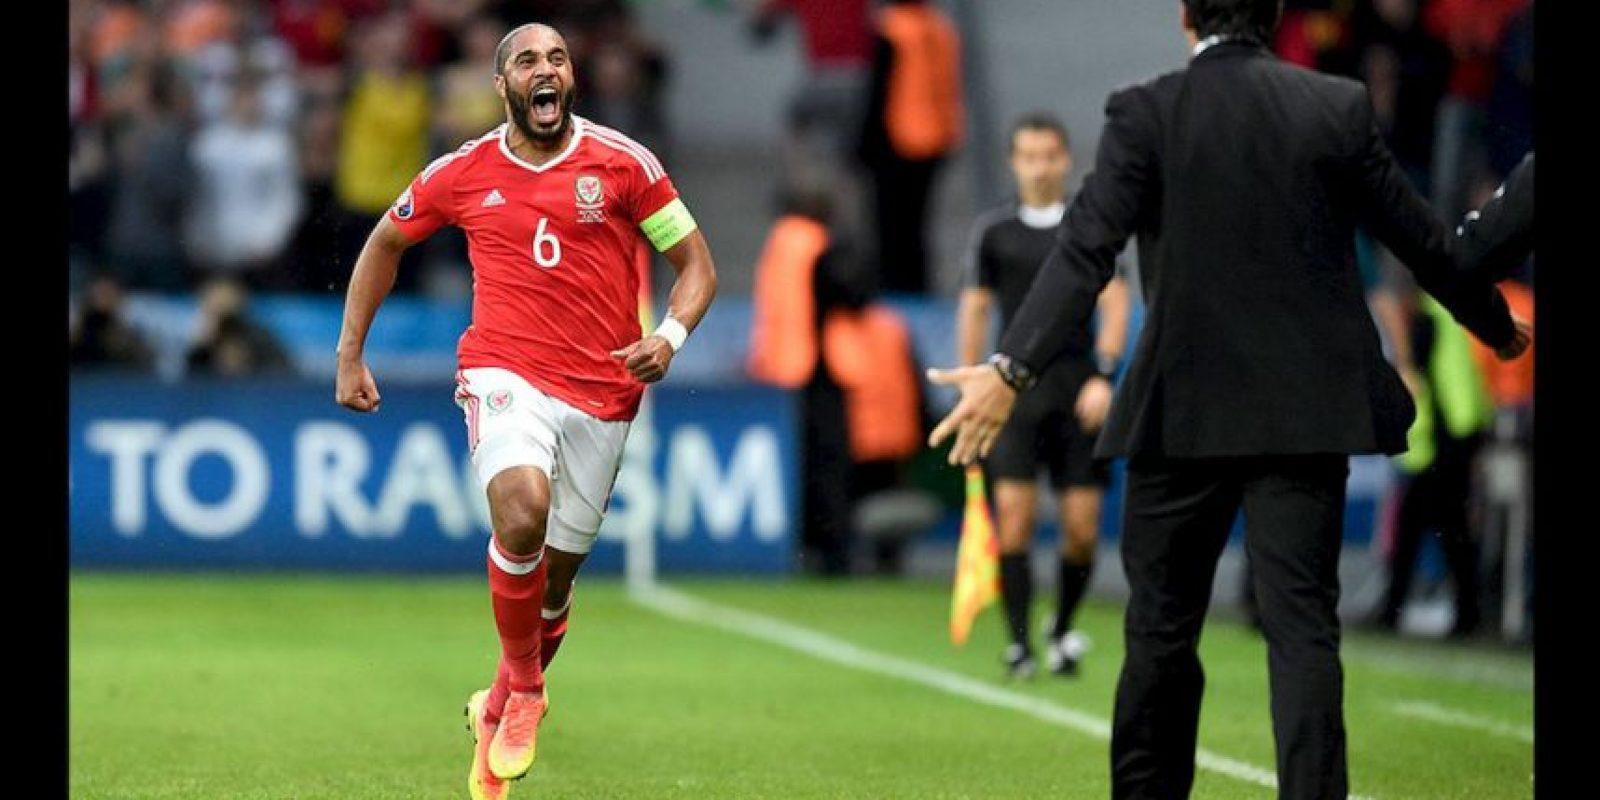 Gales, en su primera participación en una Eurocopa, logró el mayor hito futbolístico de su historia al clasificarse este viernes a semifinales tras derrotar a Bélgica en Lille (3-1). Foto:AP